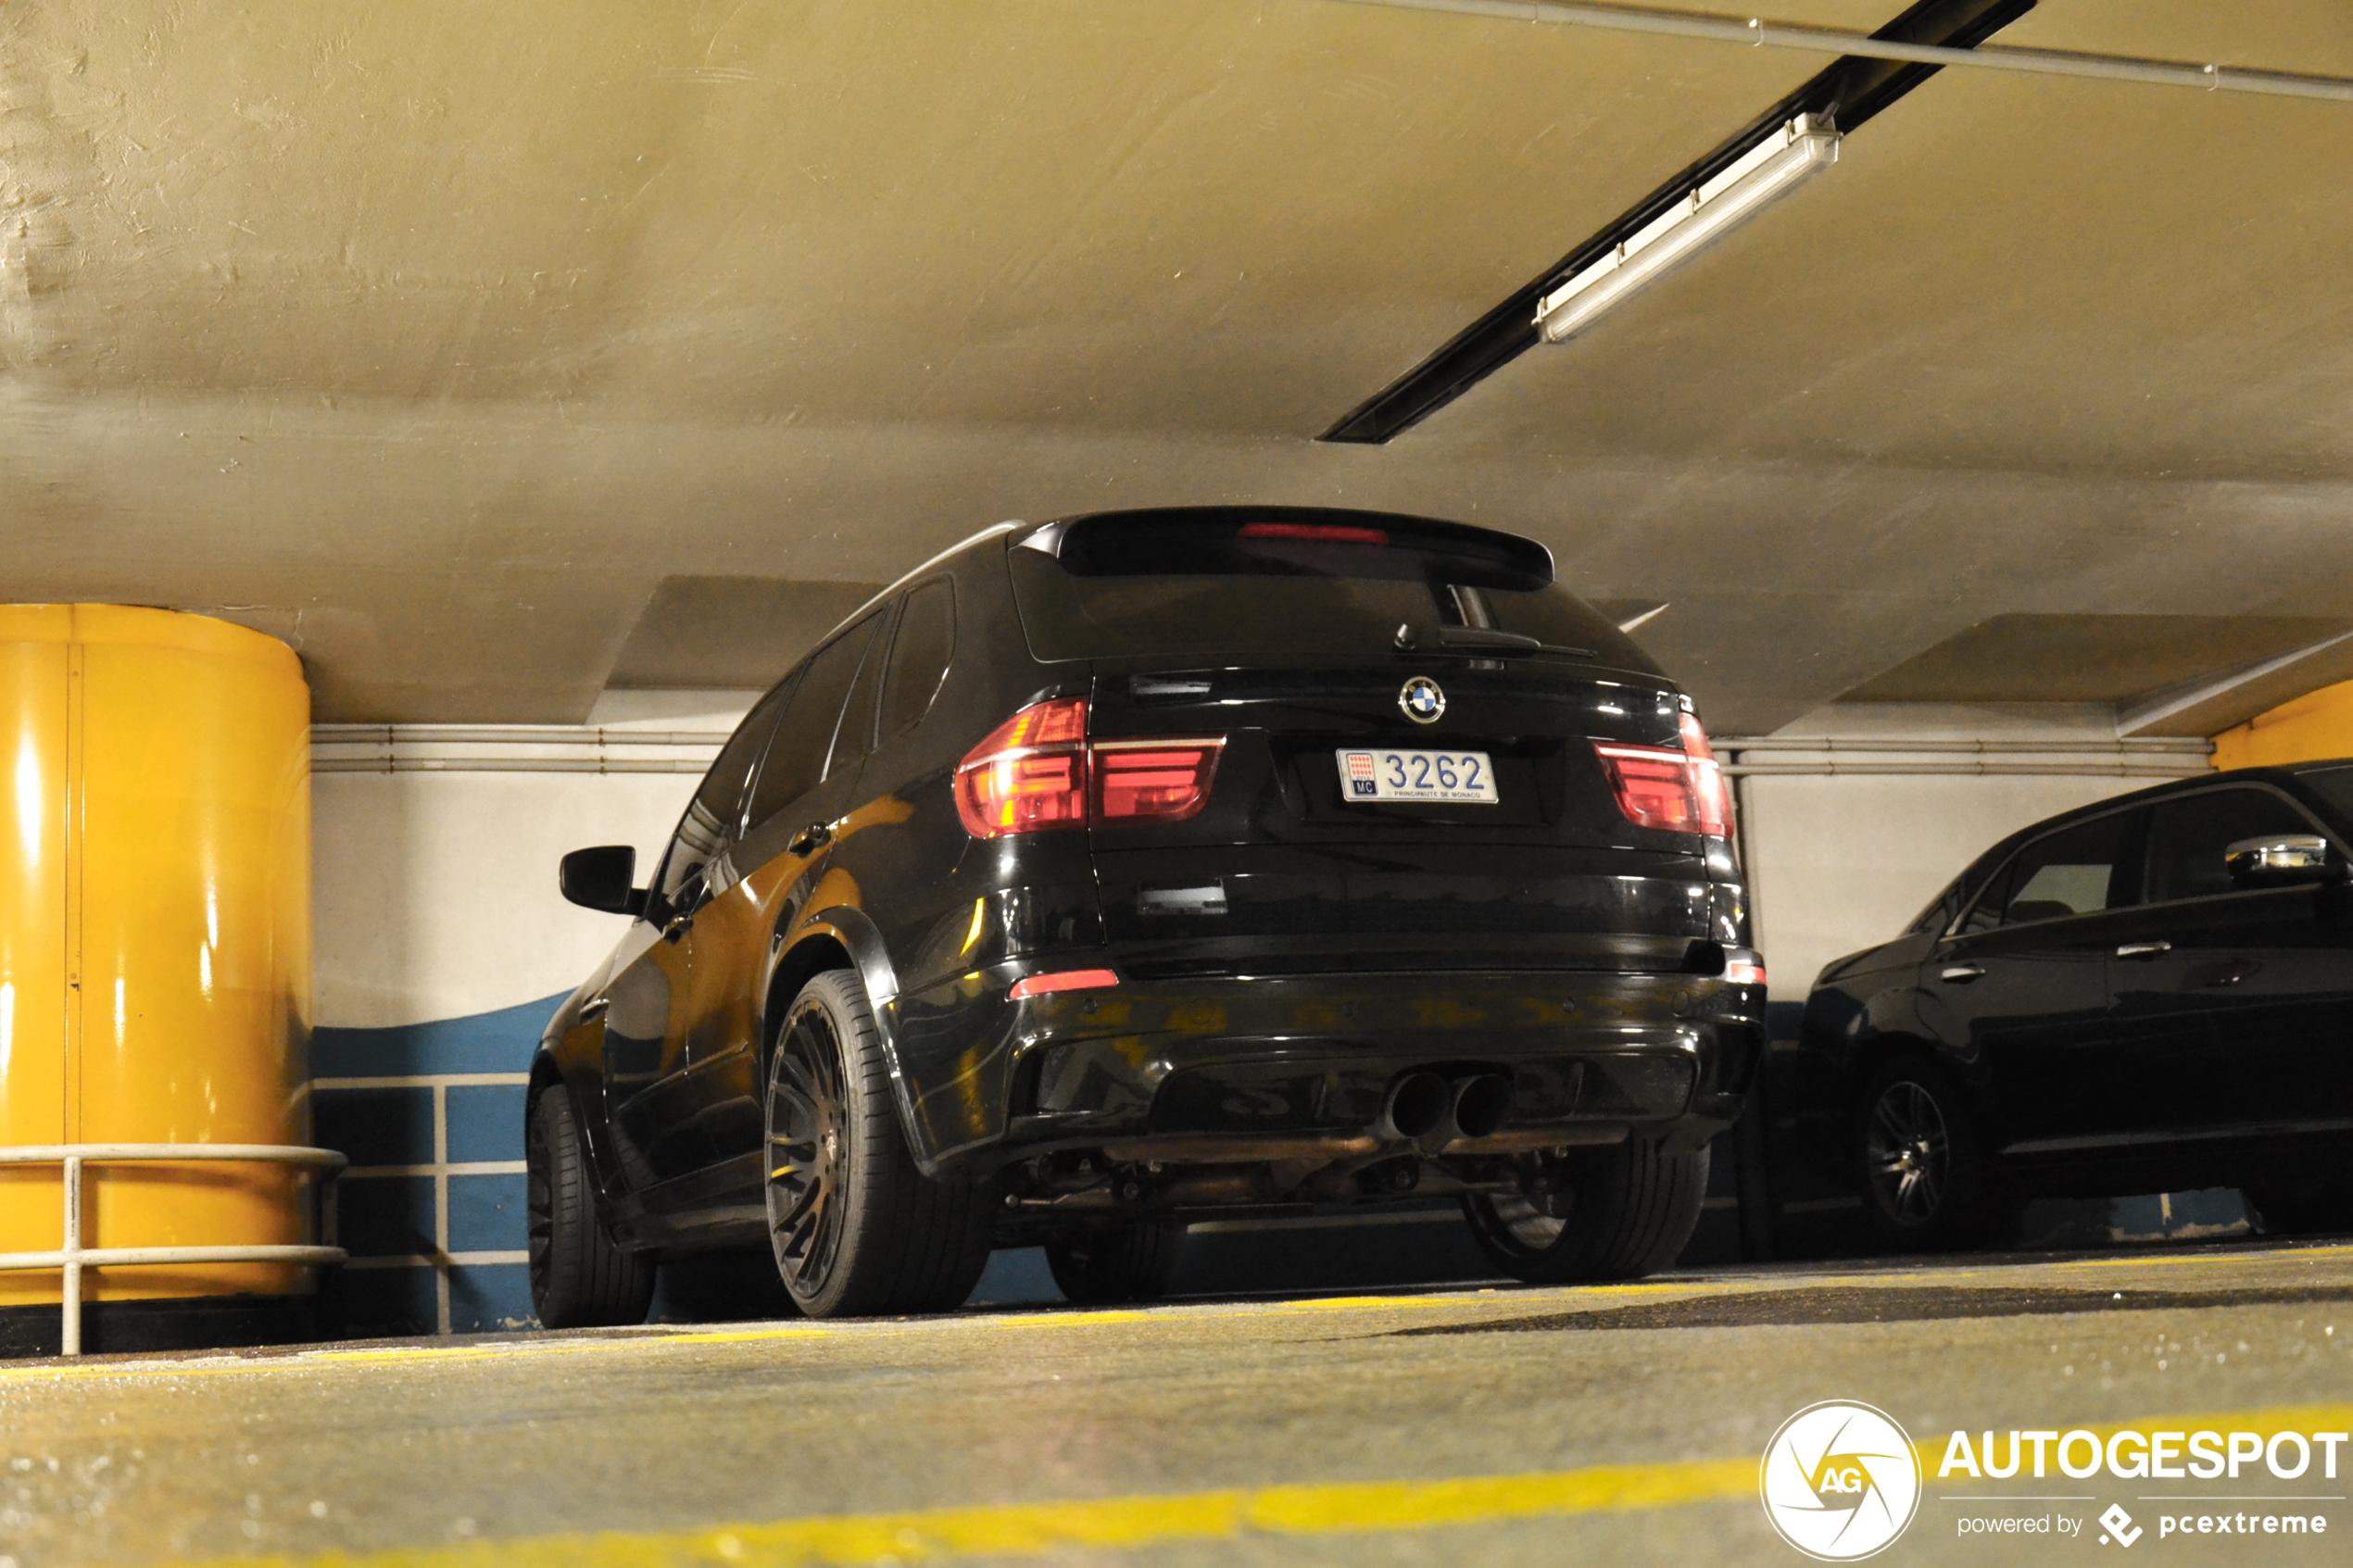 BMW Hamann Flash Evo M